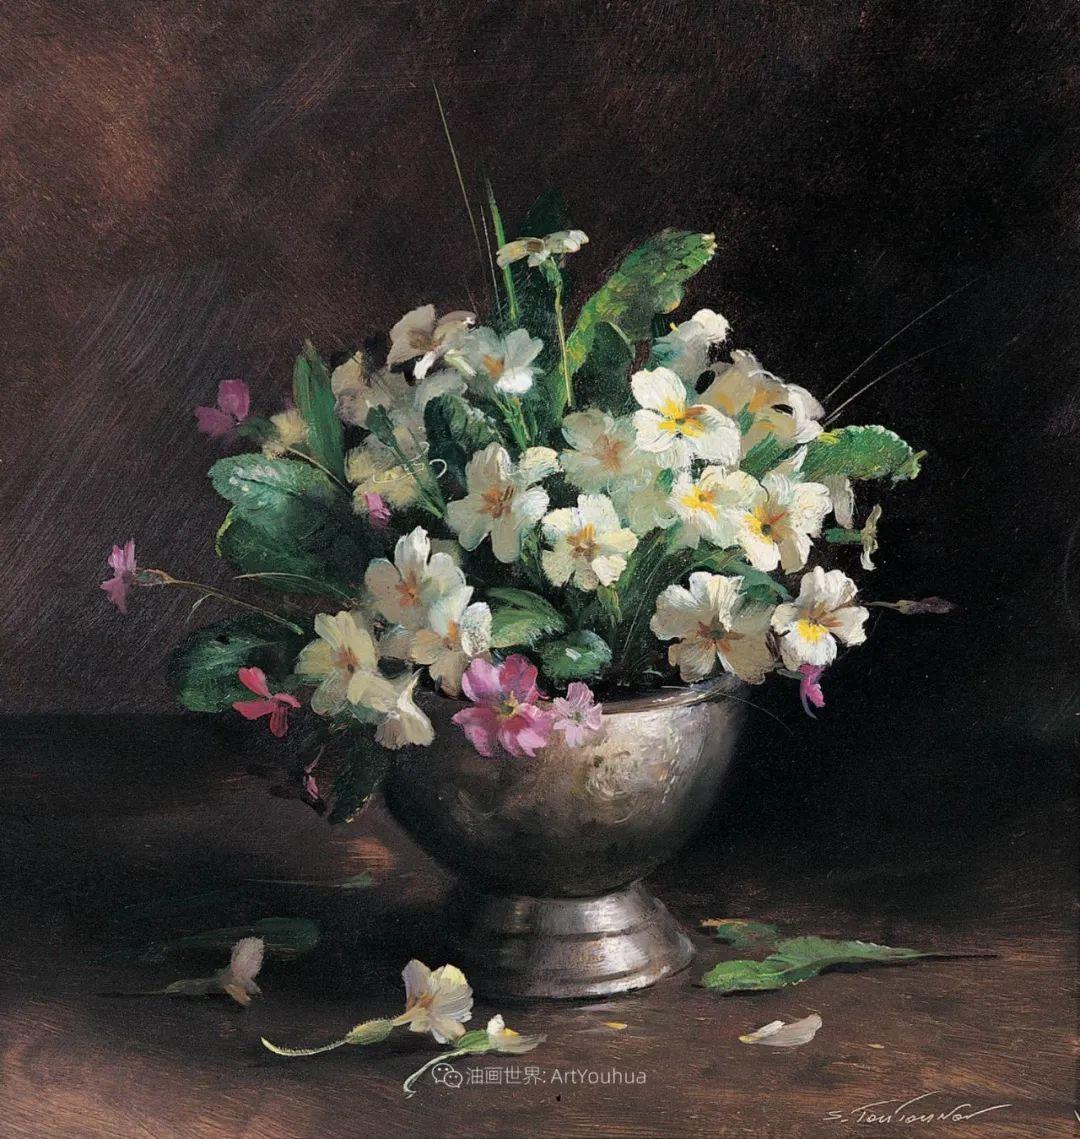 花香袭人,绚丽多彩!俄罗斯画家谢尔盖·图图诺夫插图23